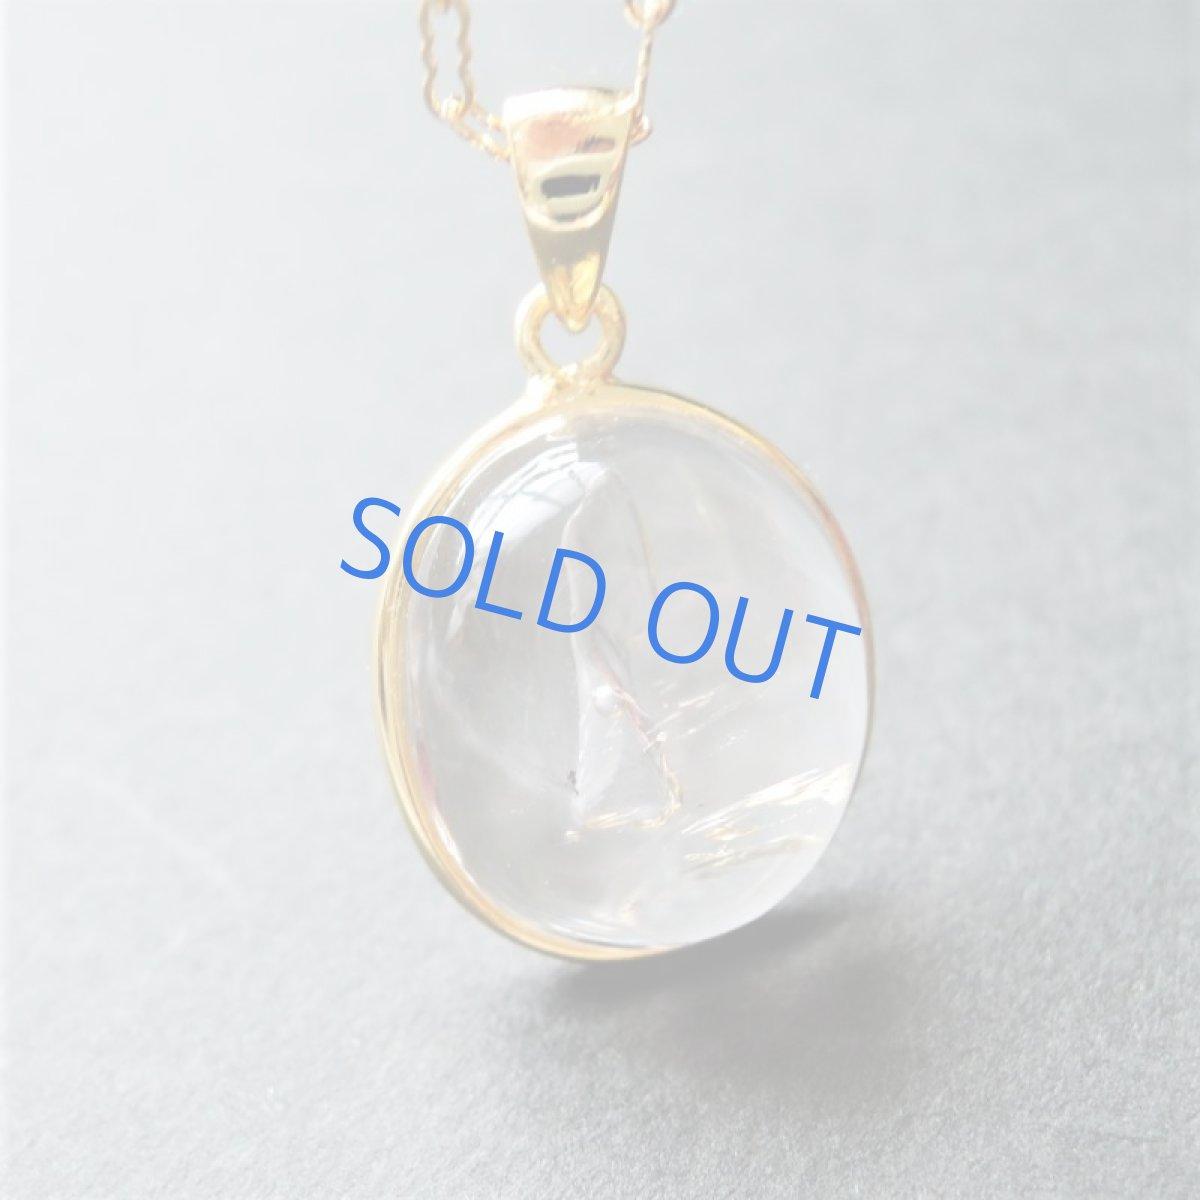 画像1: 【1点もの・C】希少石!水入り水晶(クリスタル) ペンダントネックレス 14KGFネックレス50cm (1)